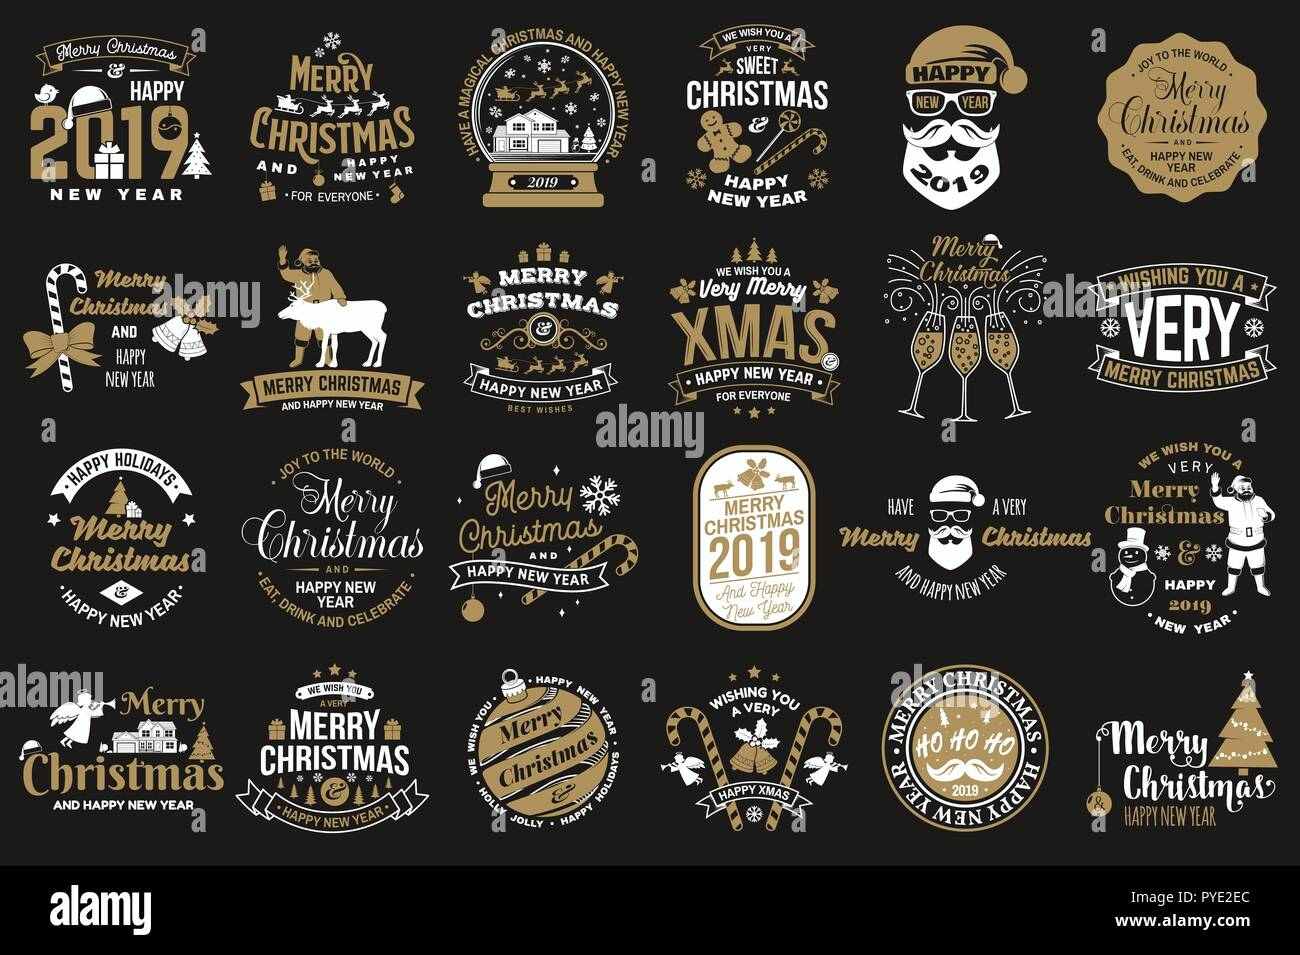 Adesivi Buon Natale.Set Di Buon Natale E Felice 2019 Anno Nuovo Timbro Adesivi